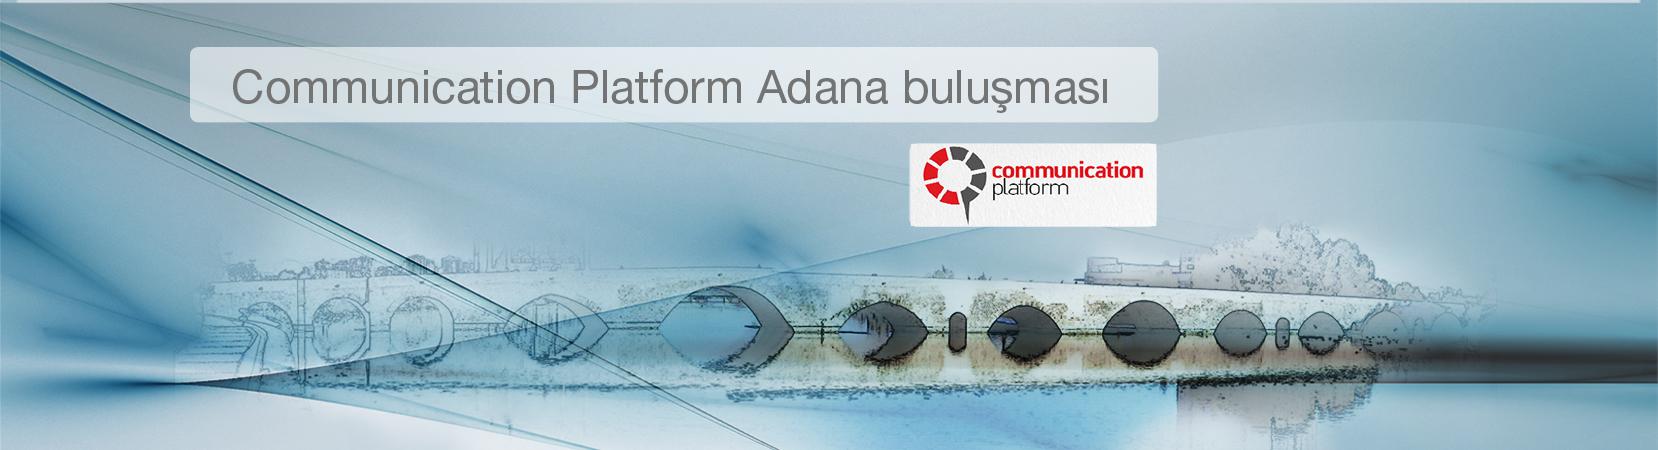 Adana_bulusmasi